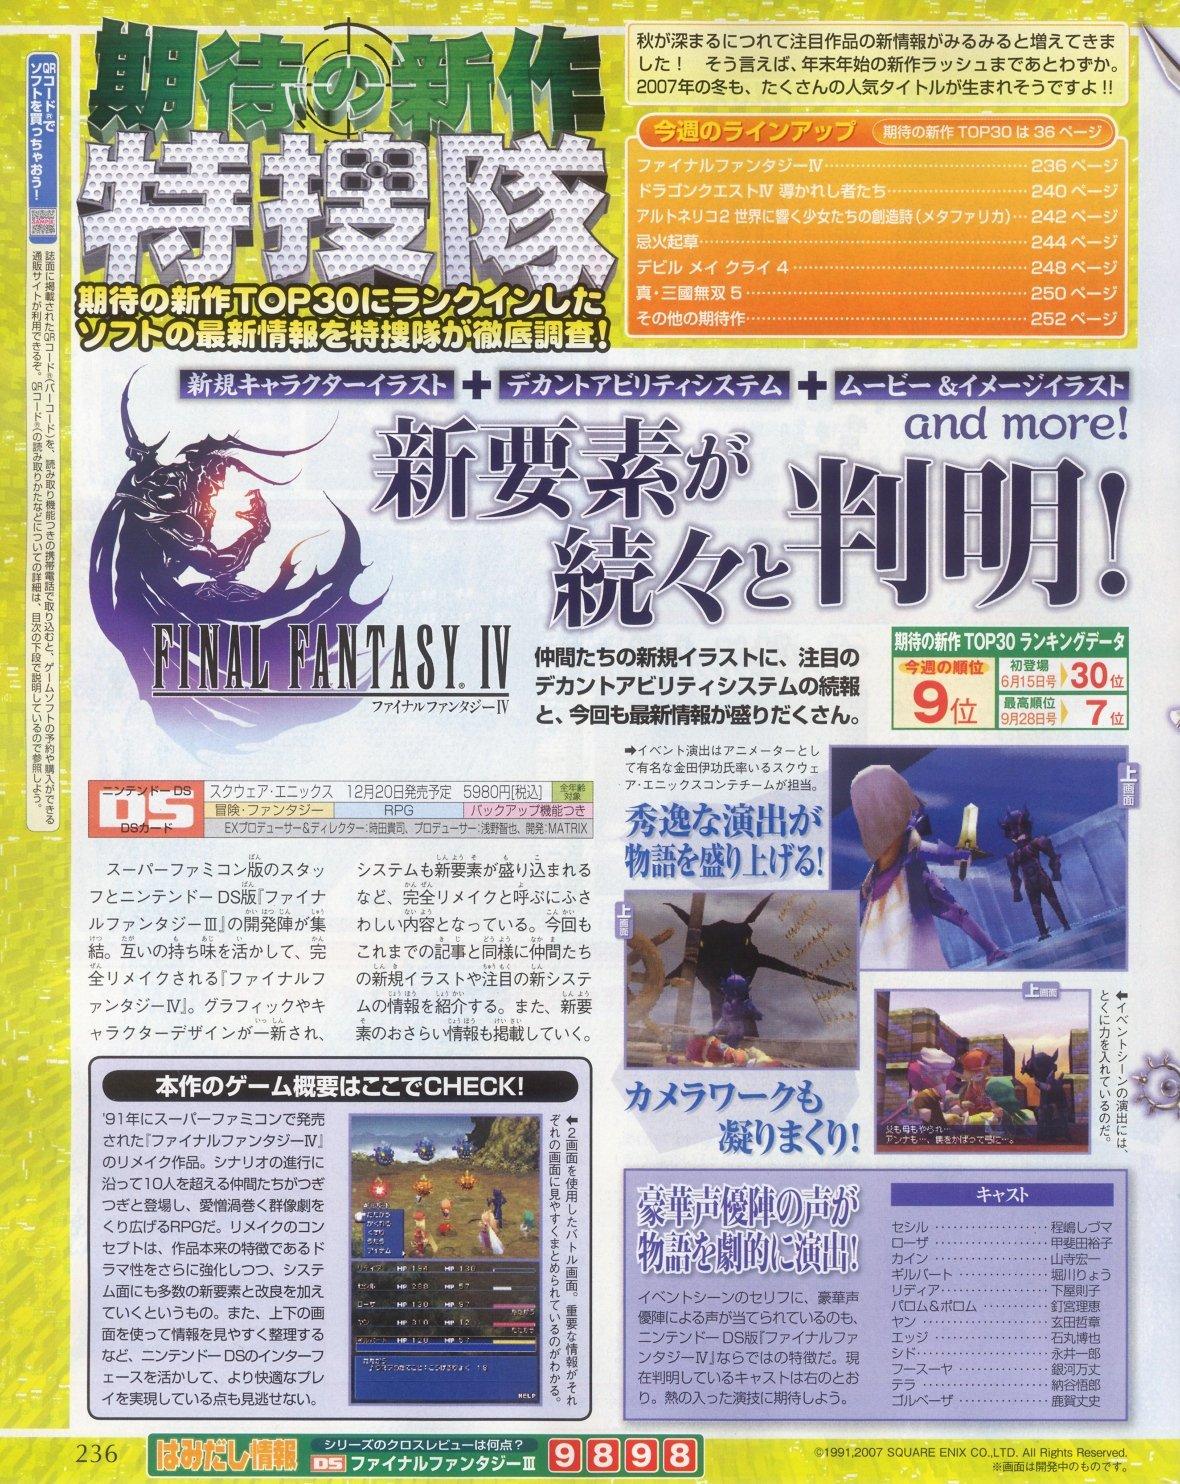 Final Fantasy IV: Quelques scans